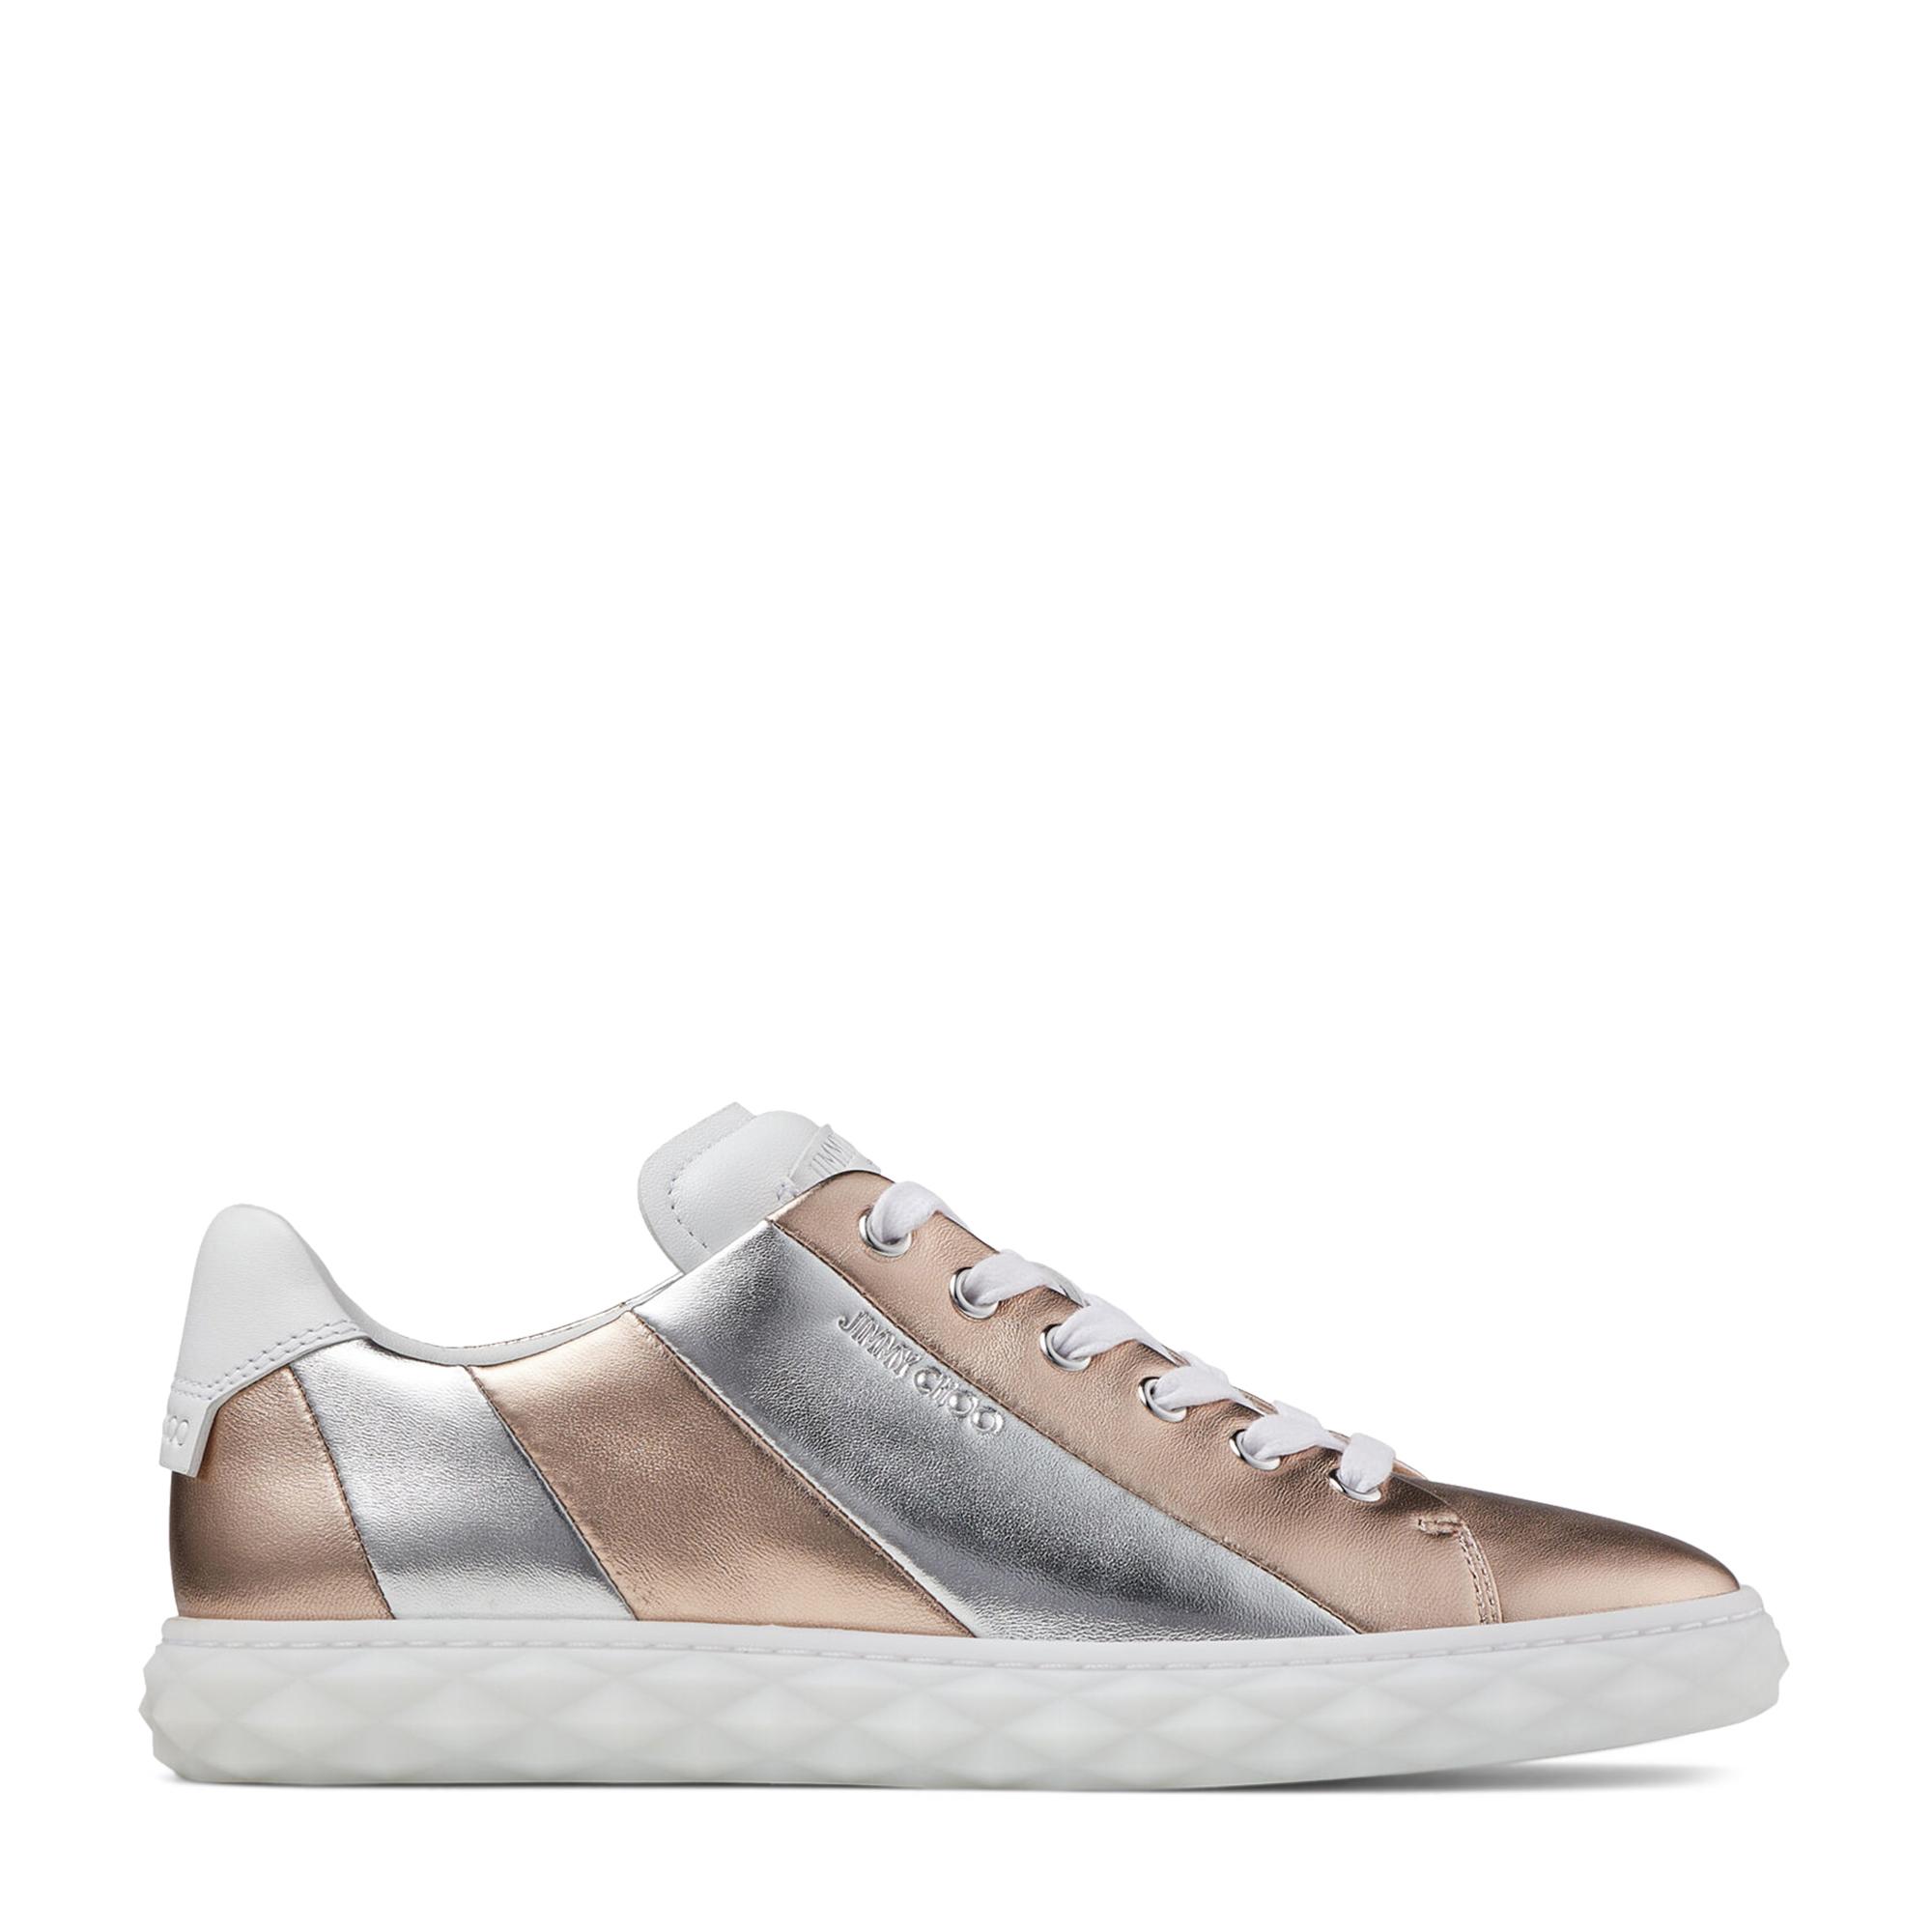 Diamond Light sneakers